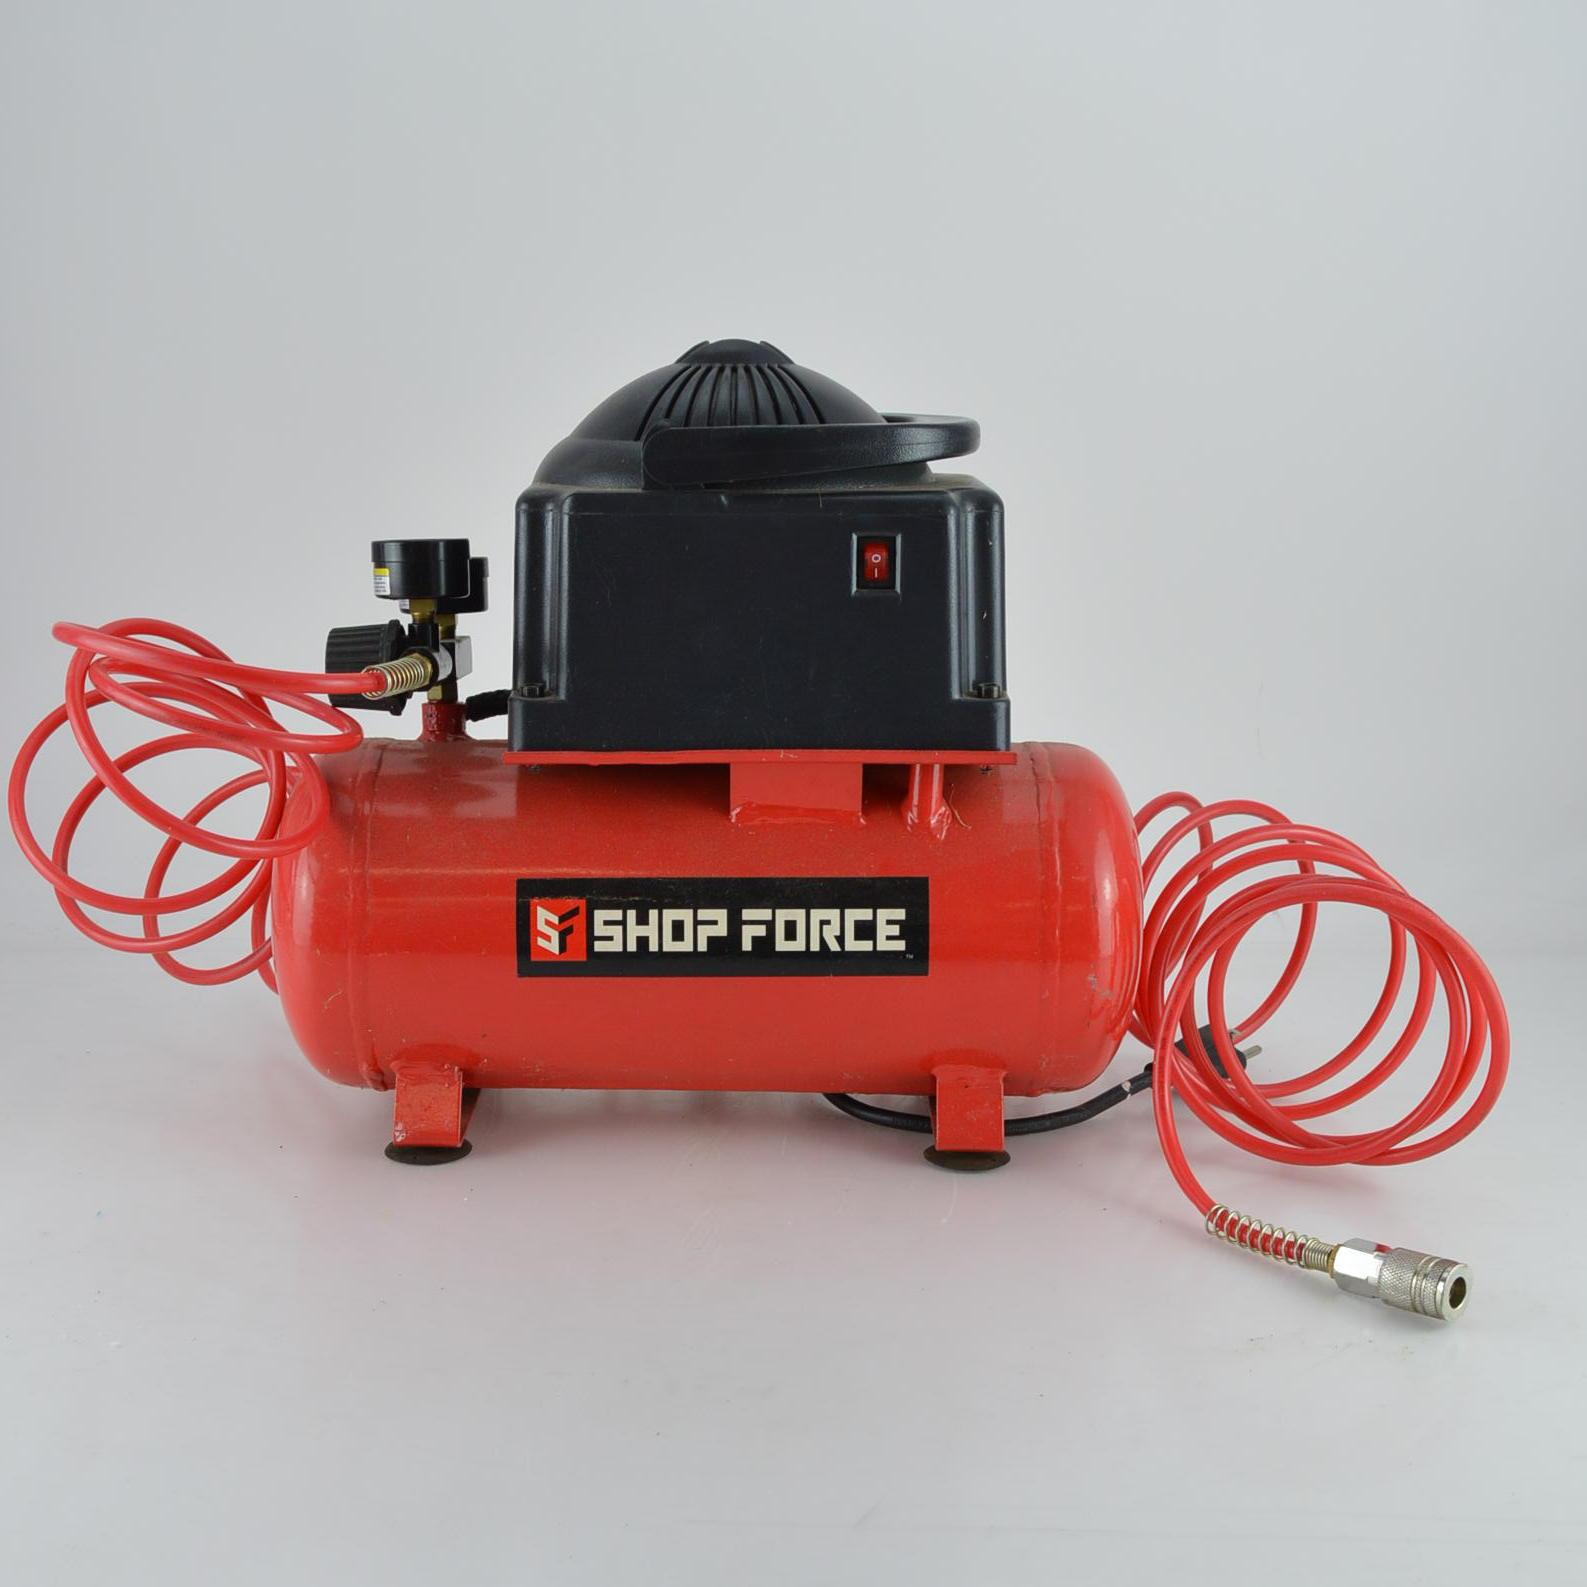 shop force air pressor ebth Sears 20 Gallon Air Compressor shop force air pressor